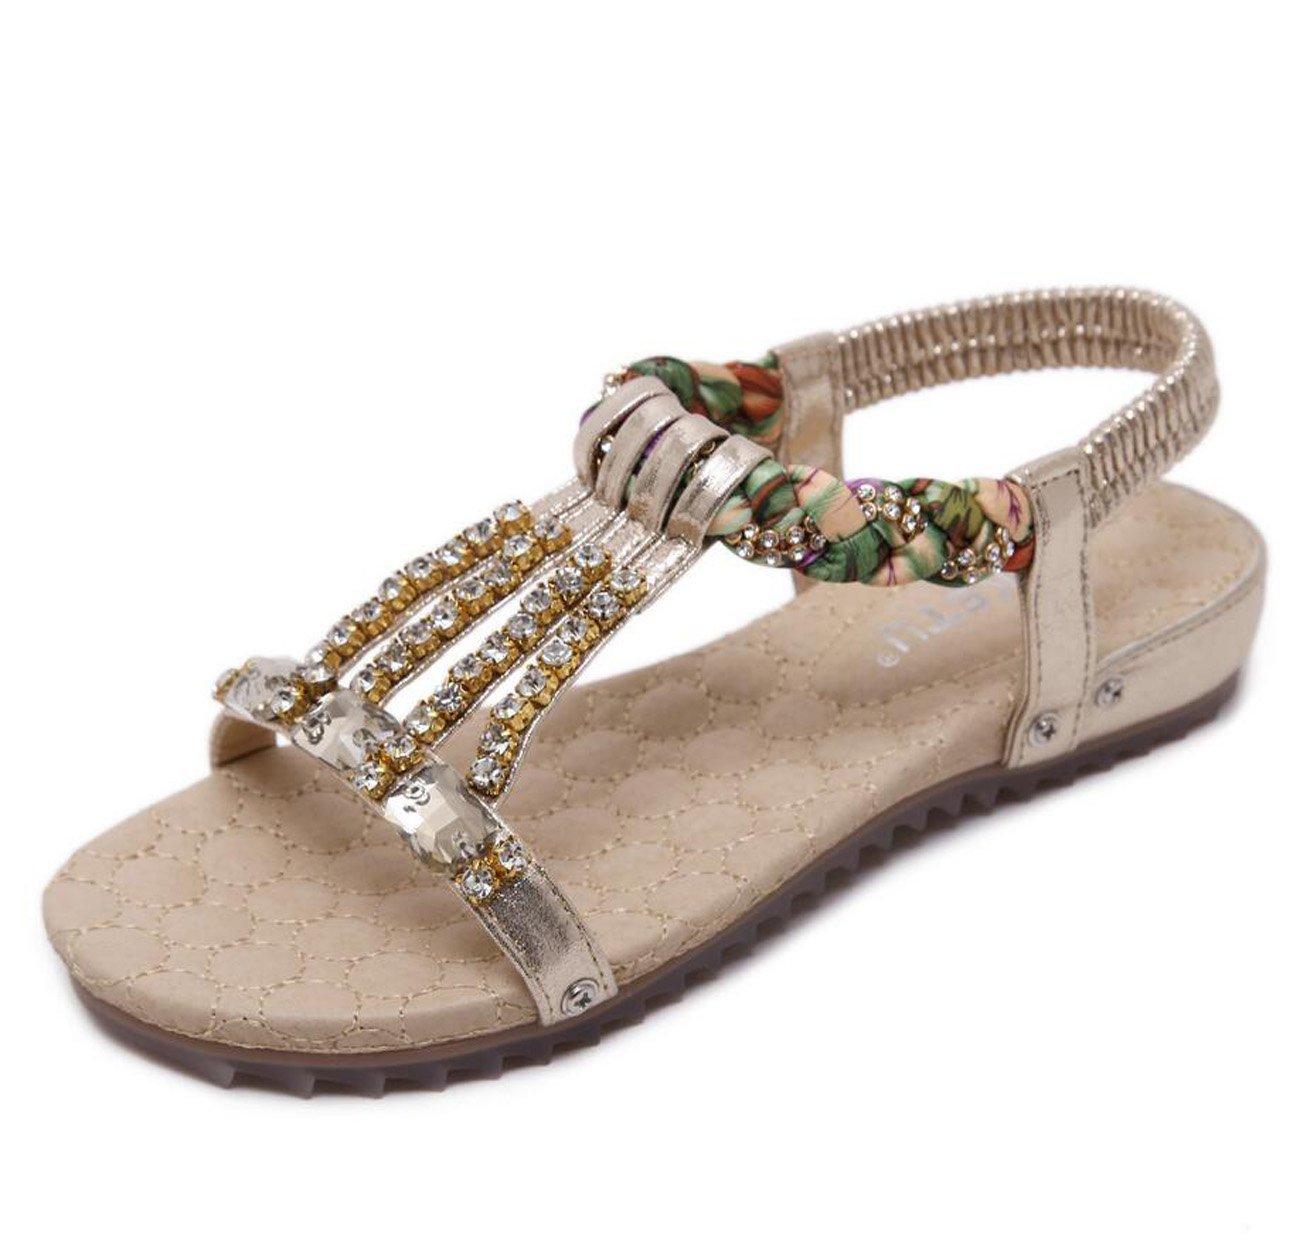 Femmes bohème tongs perlé cheville T-Strap sangle 19218 sandales Boho plage tongs élastiques T-Strap tongs sandales chaussures Gold e9b102e - shopssong.space